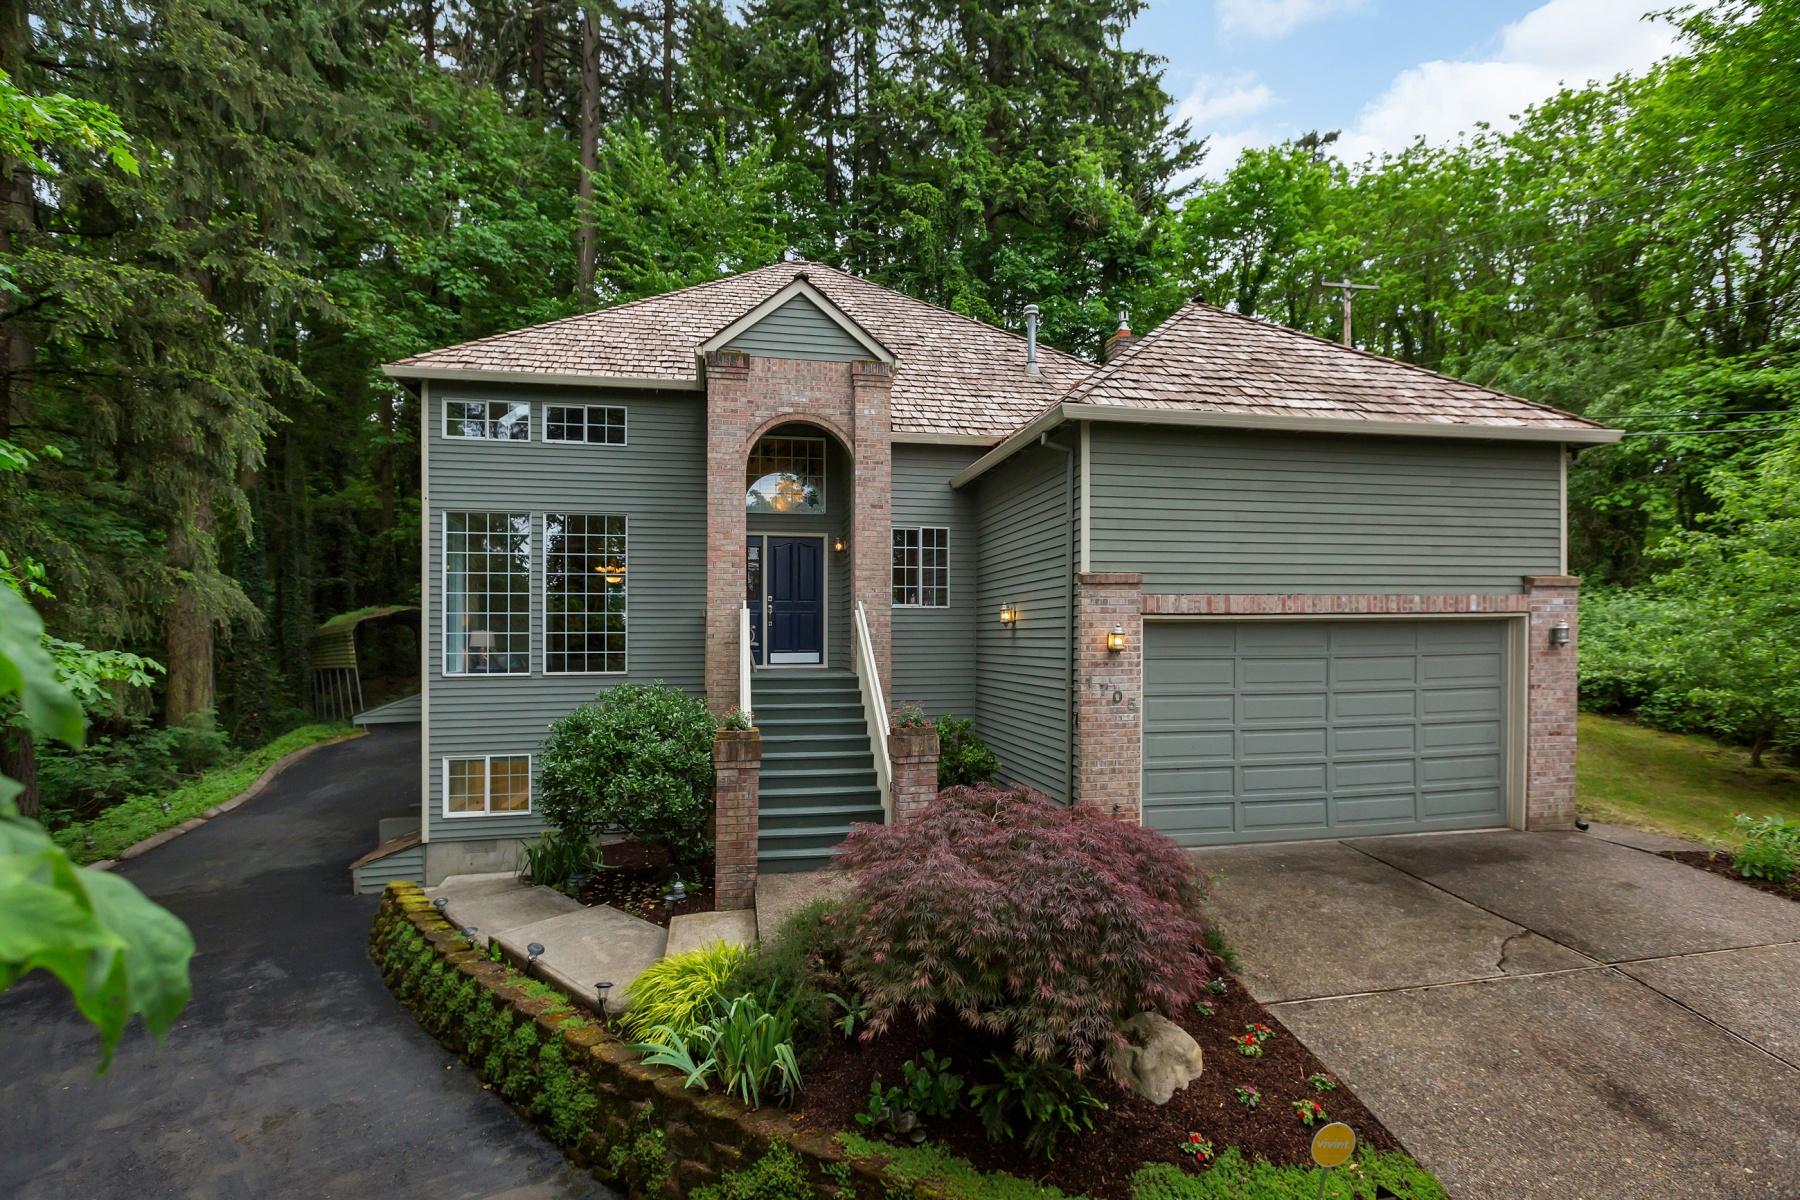 独户住宅 为 销售 在 1705 LEE ST, LAKE OSWEGO 奥斯威尔湖, 俄勒冈州, 97034 美国